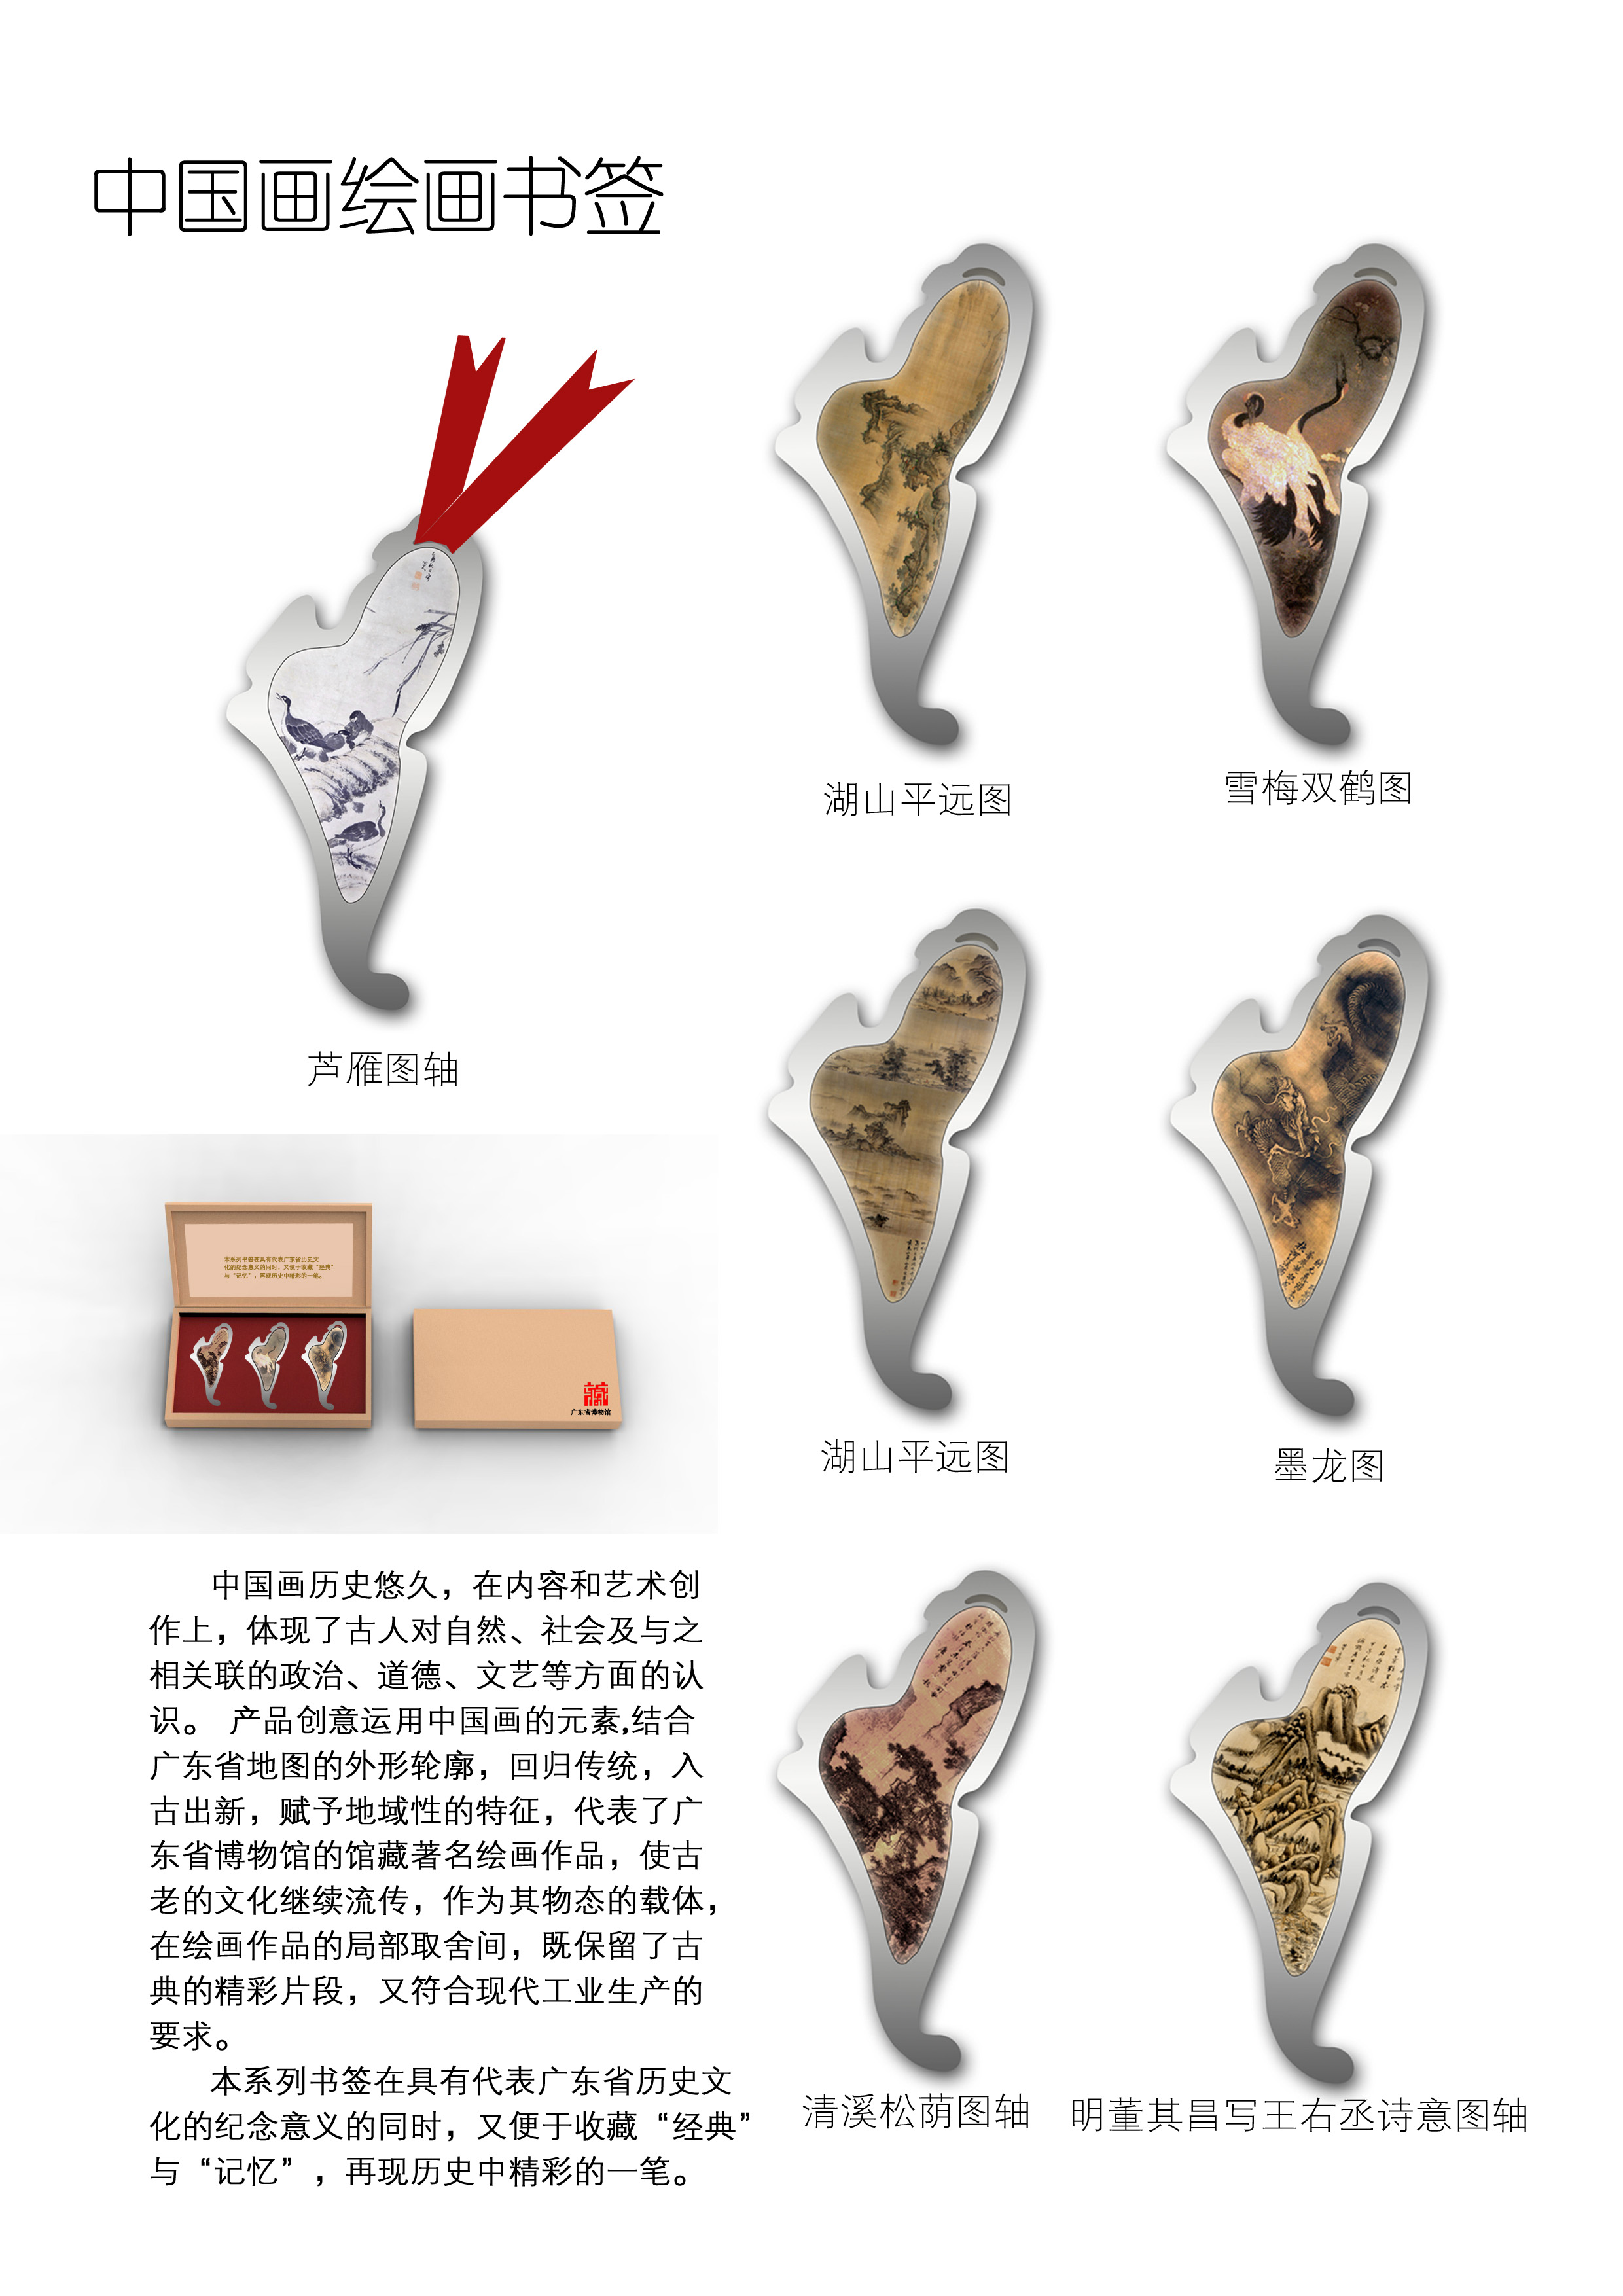 基于中国传统文化观产品设计的价值分析